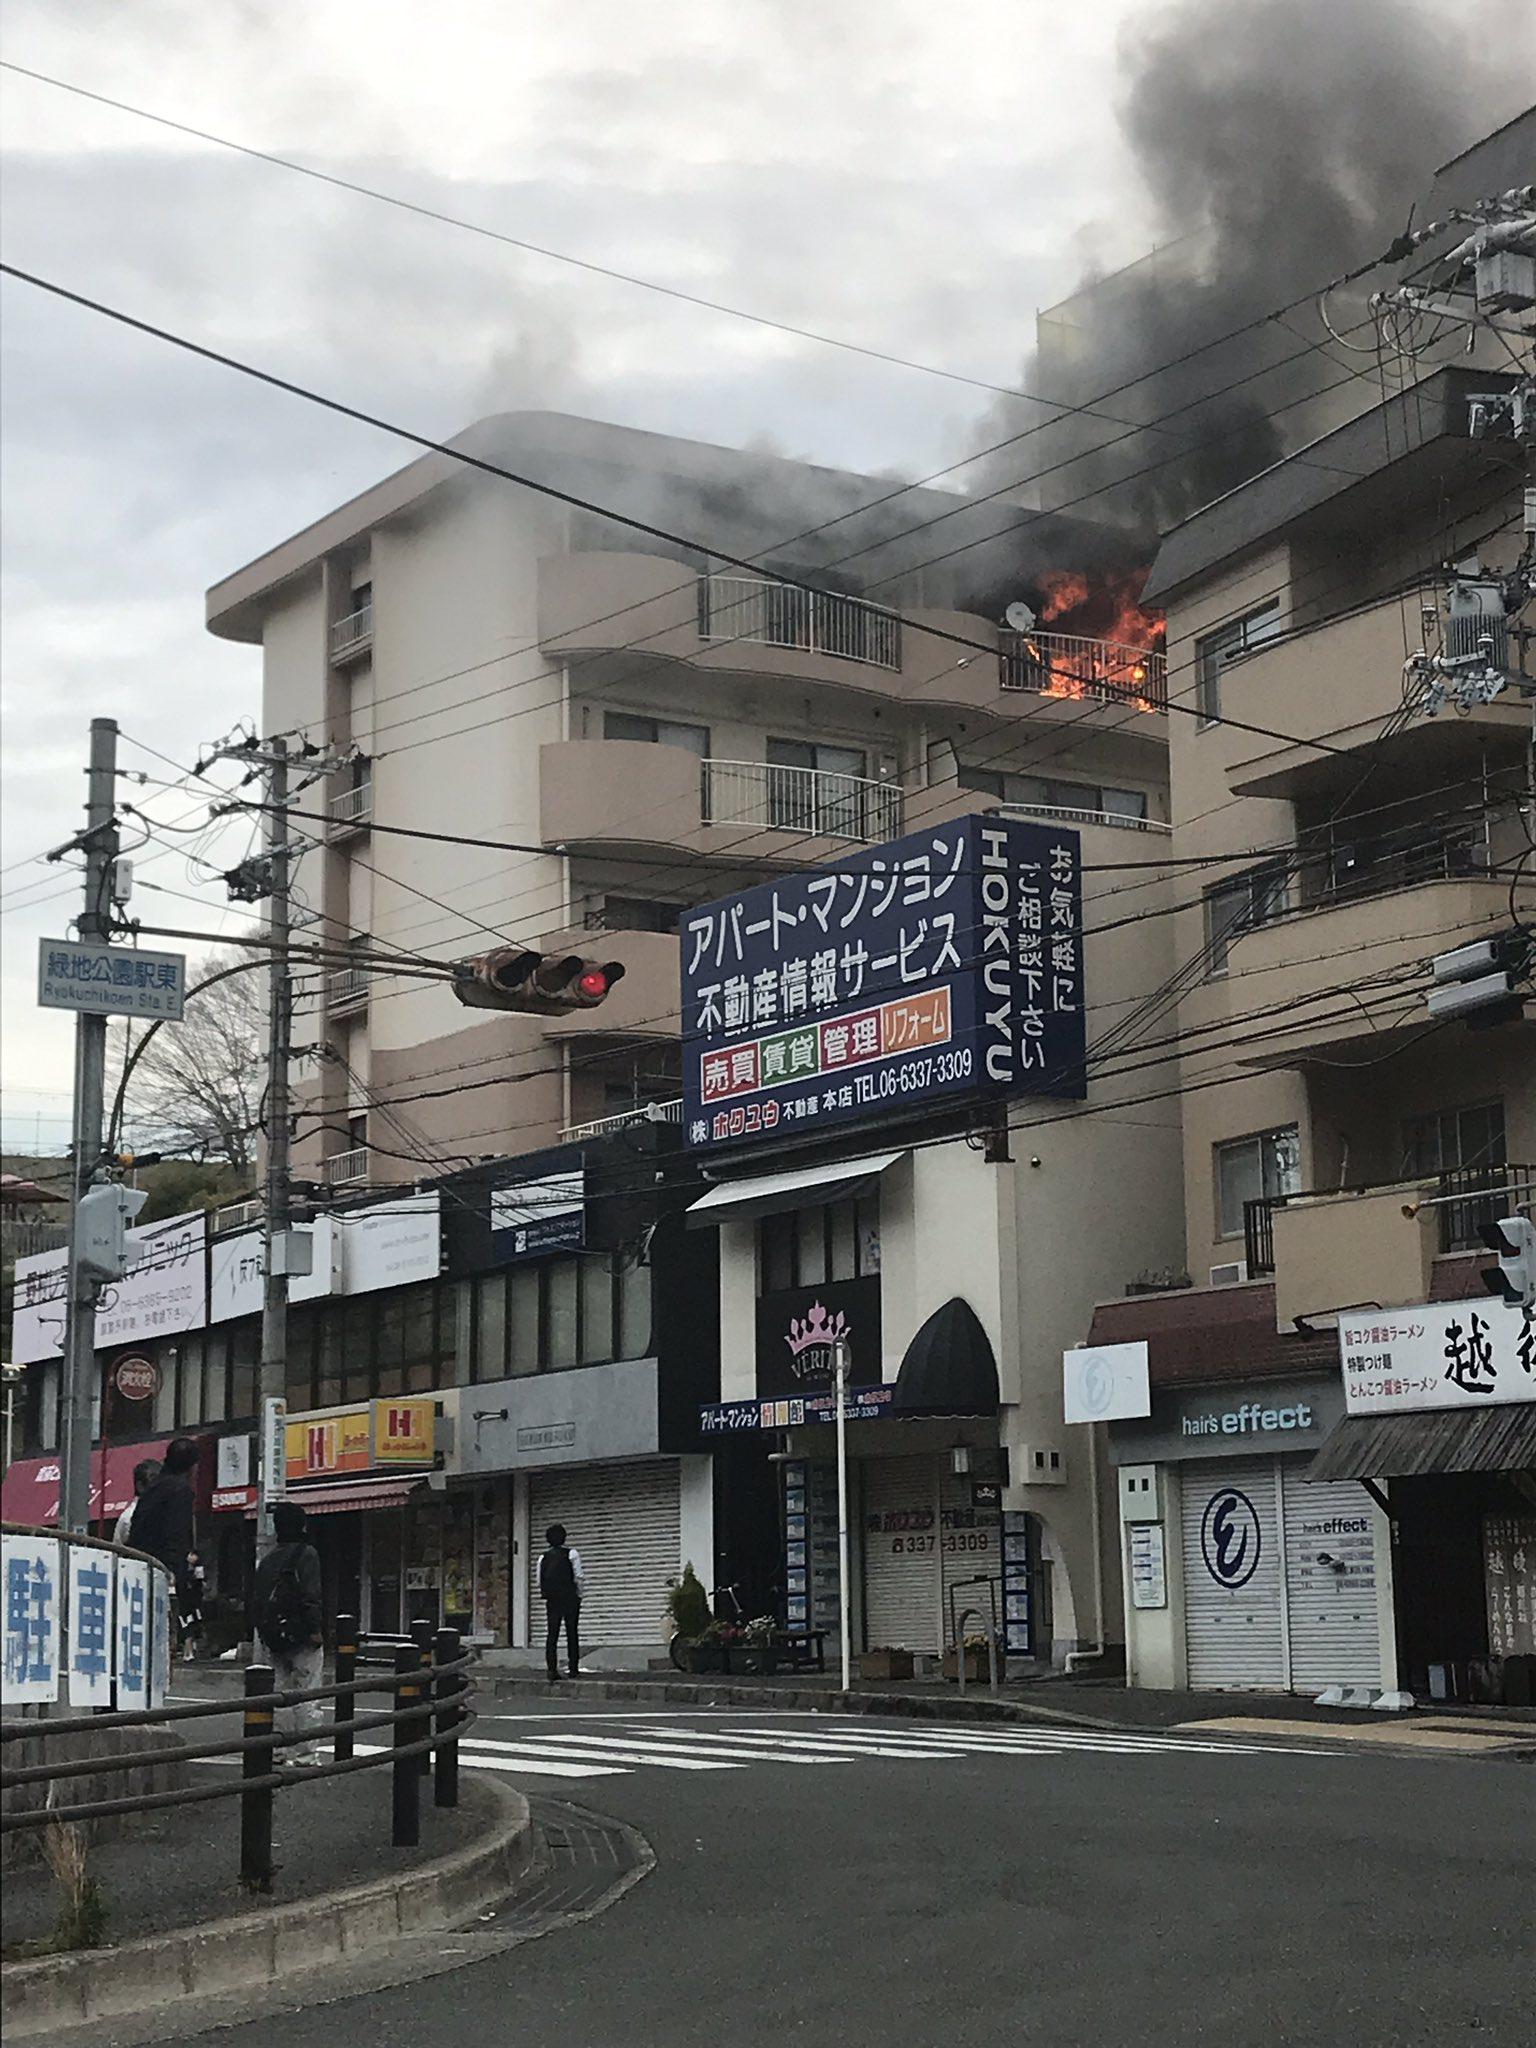 画像,最寄駅の目の前で火事は怖すぎ! https://t.co/L1uTWnIYy0。